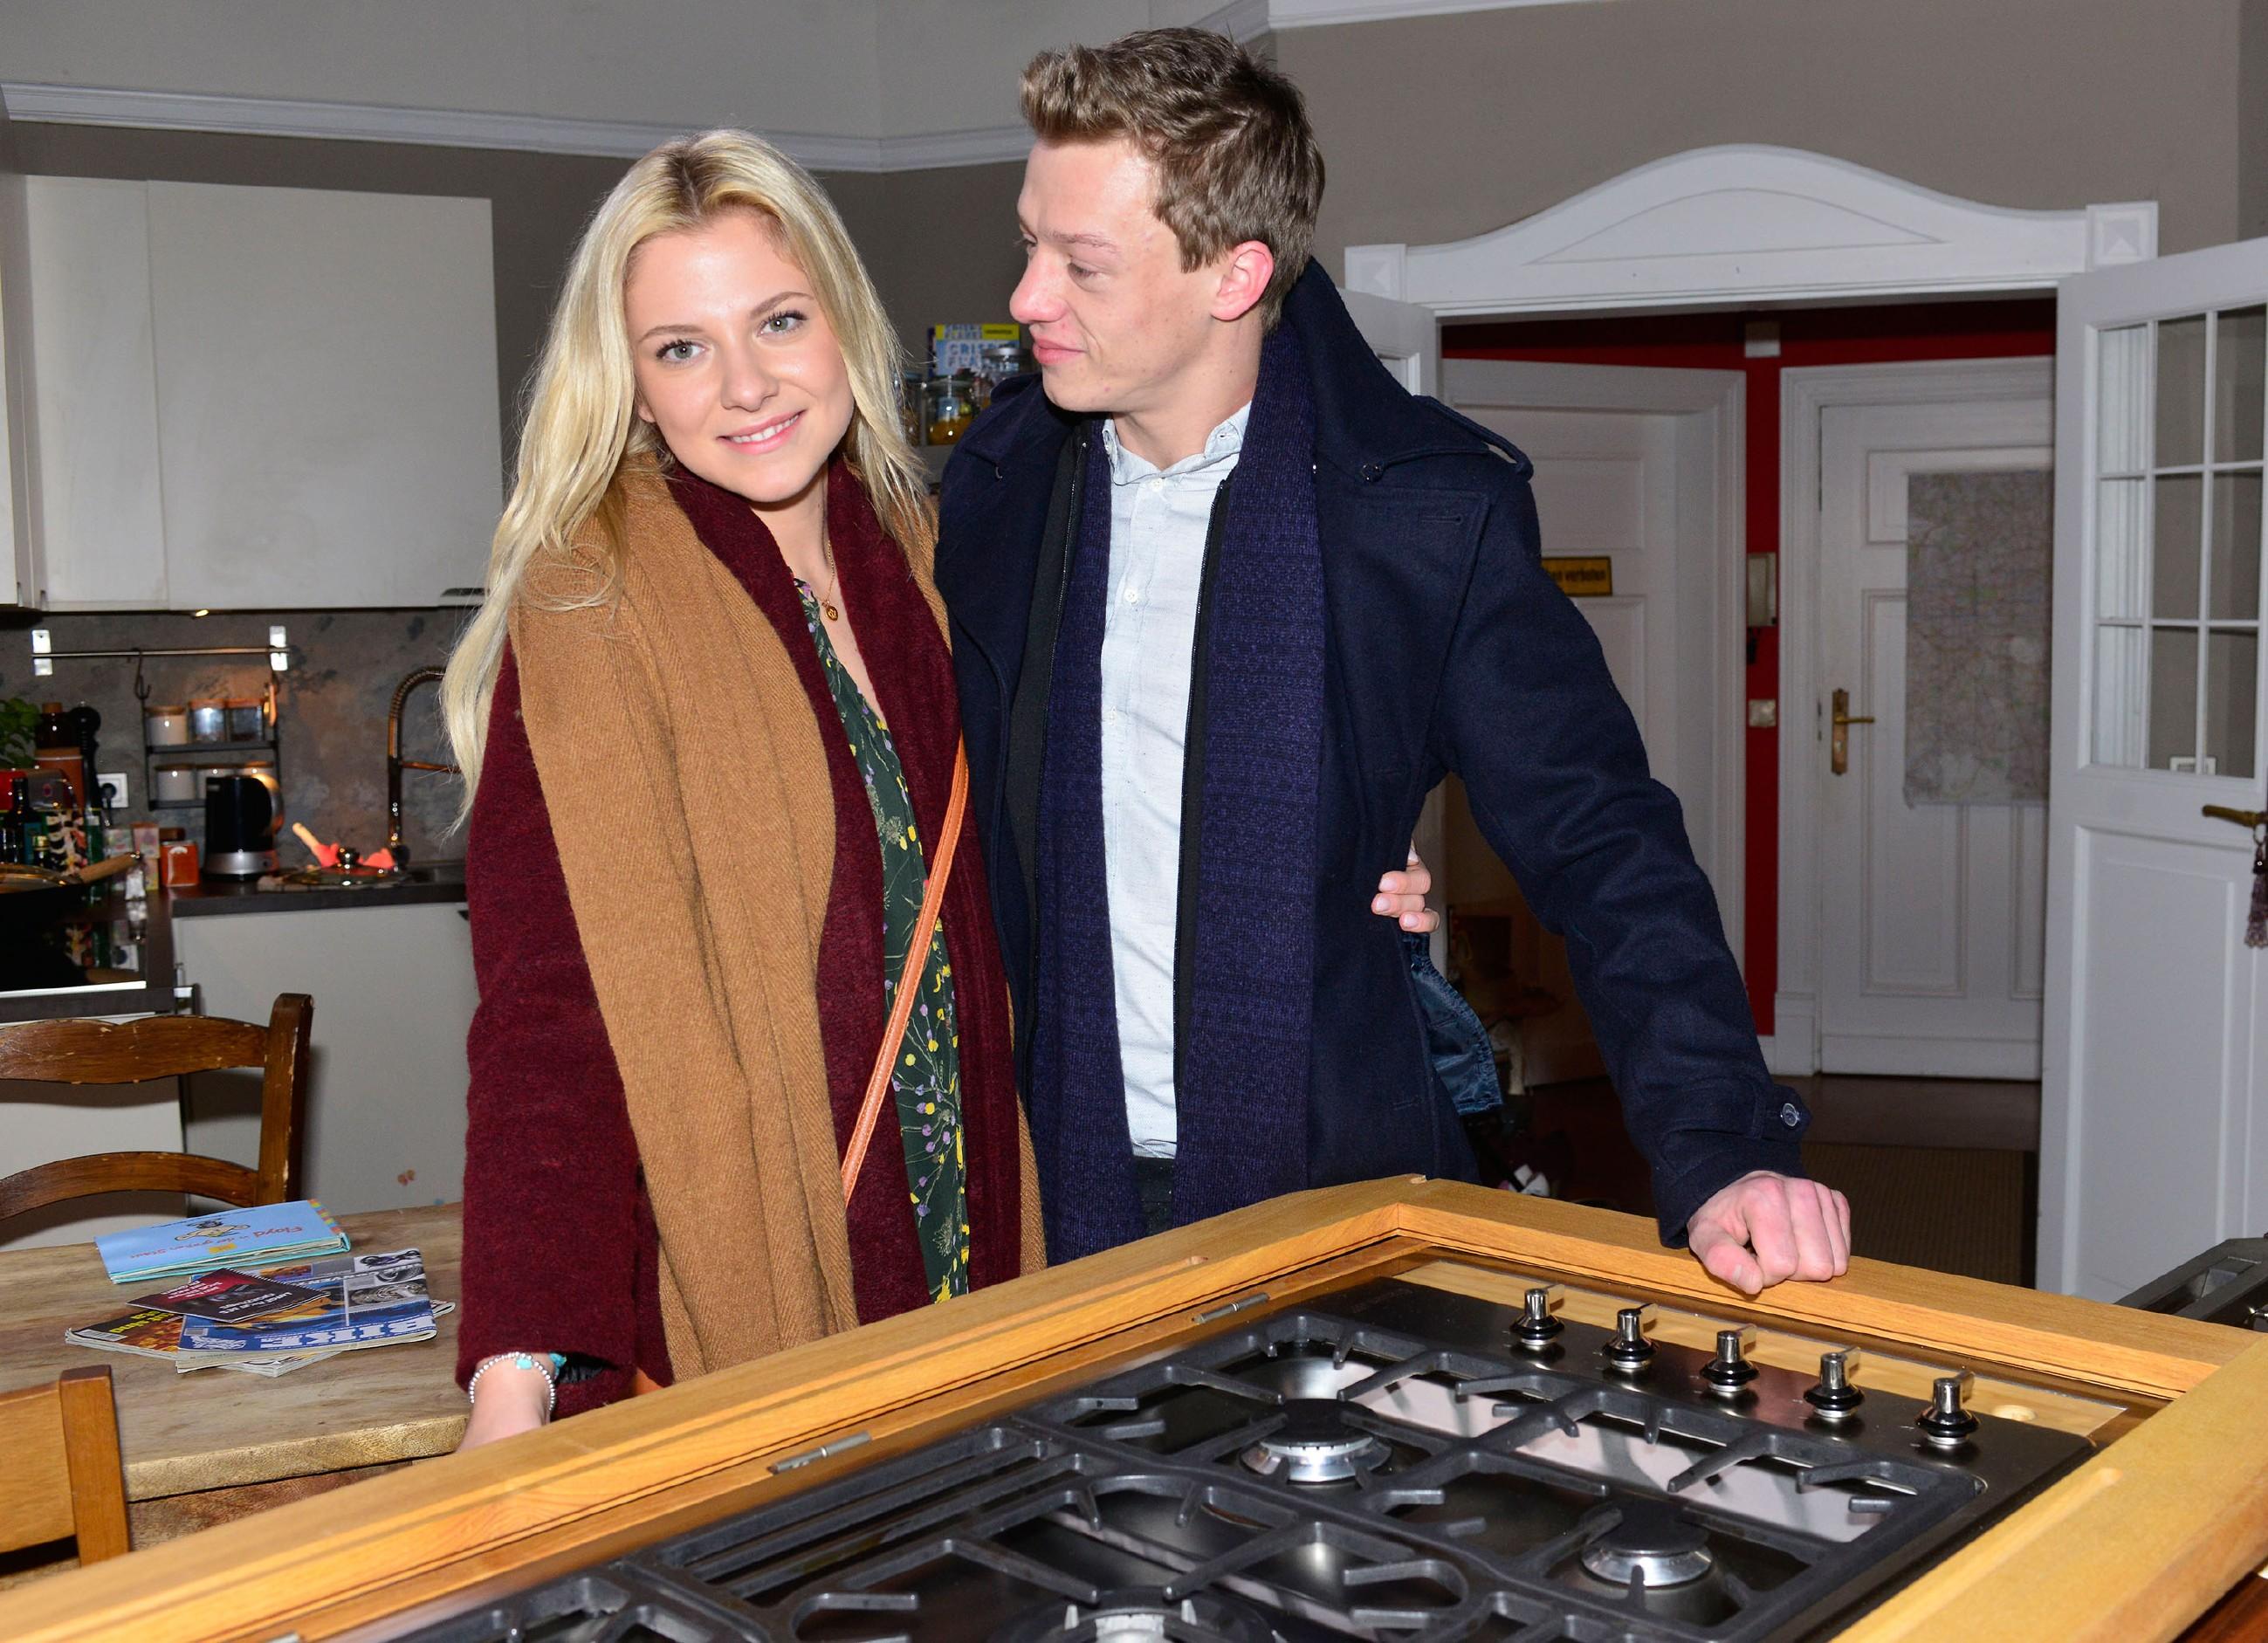 Vince (Vincent Krüger) ist Feuer und Flamme für seine Live-Cooking-Idee und erzählt Sunny (Valentina Pahde) von seinem Plan, mit seiner mobilen Kochstation durchzustarten.